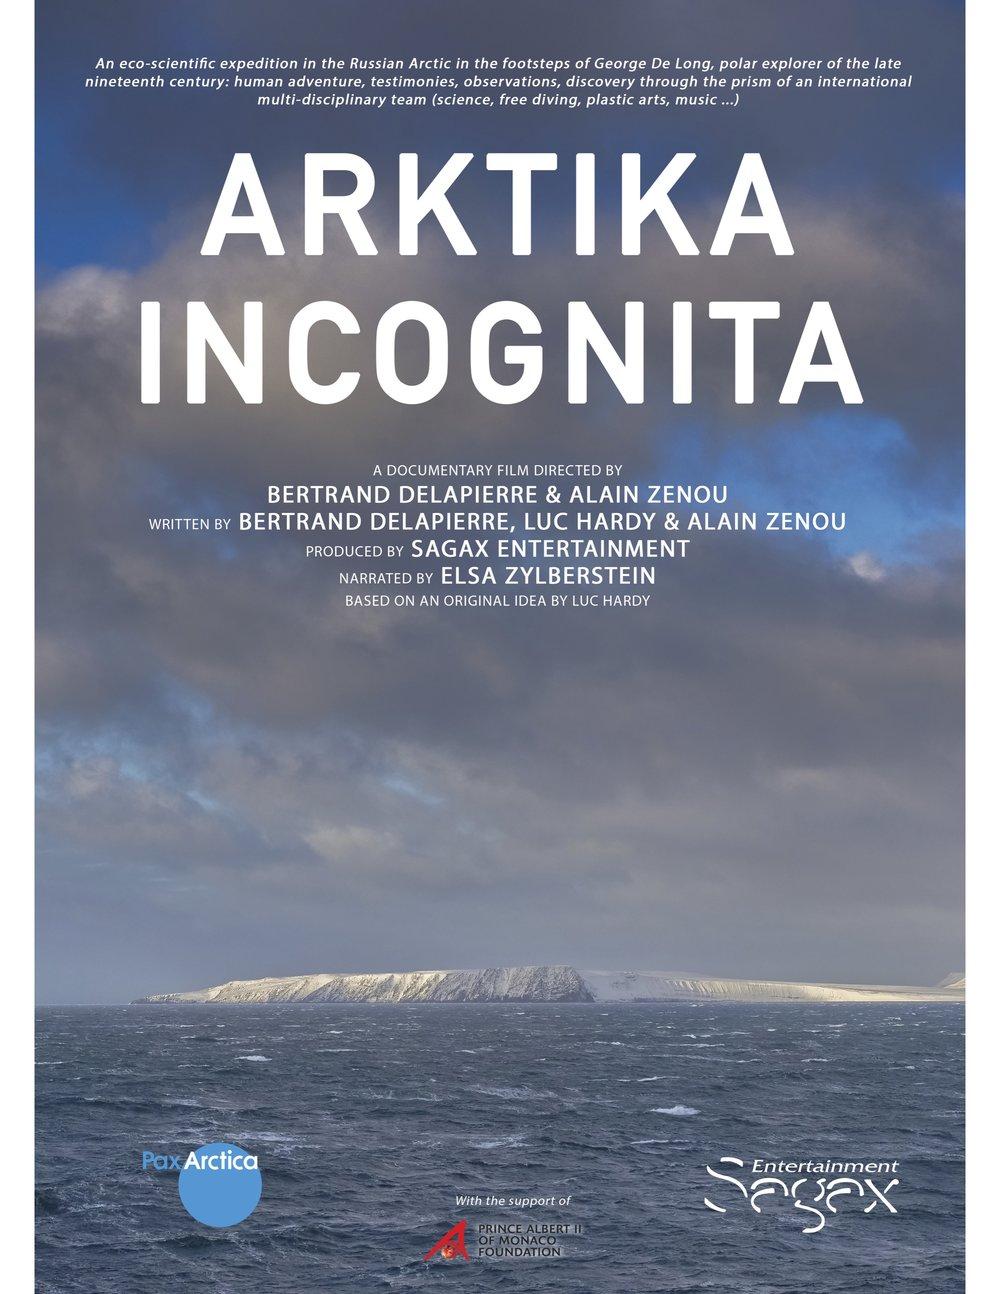 Arktika poster 11.1 VA.jpg